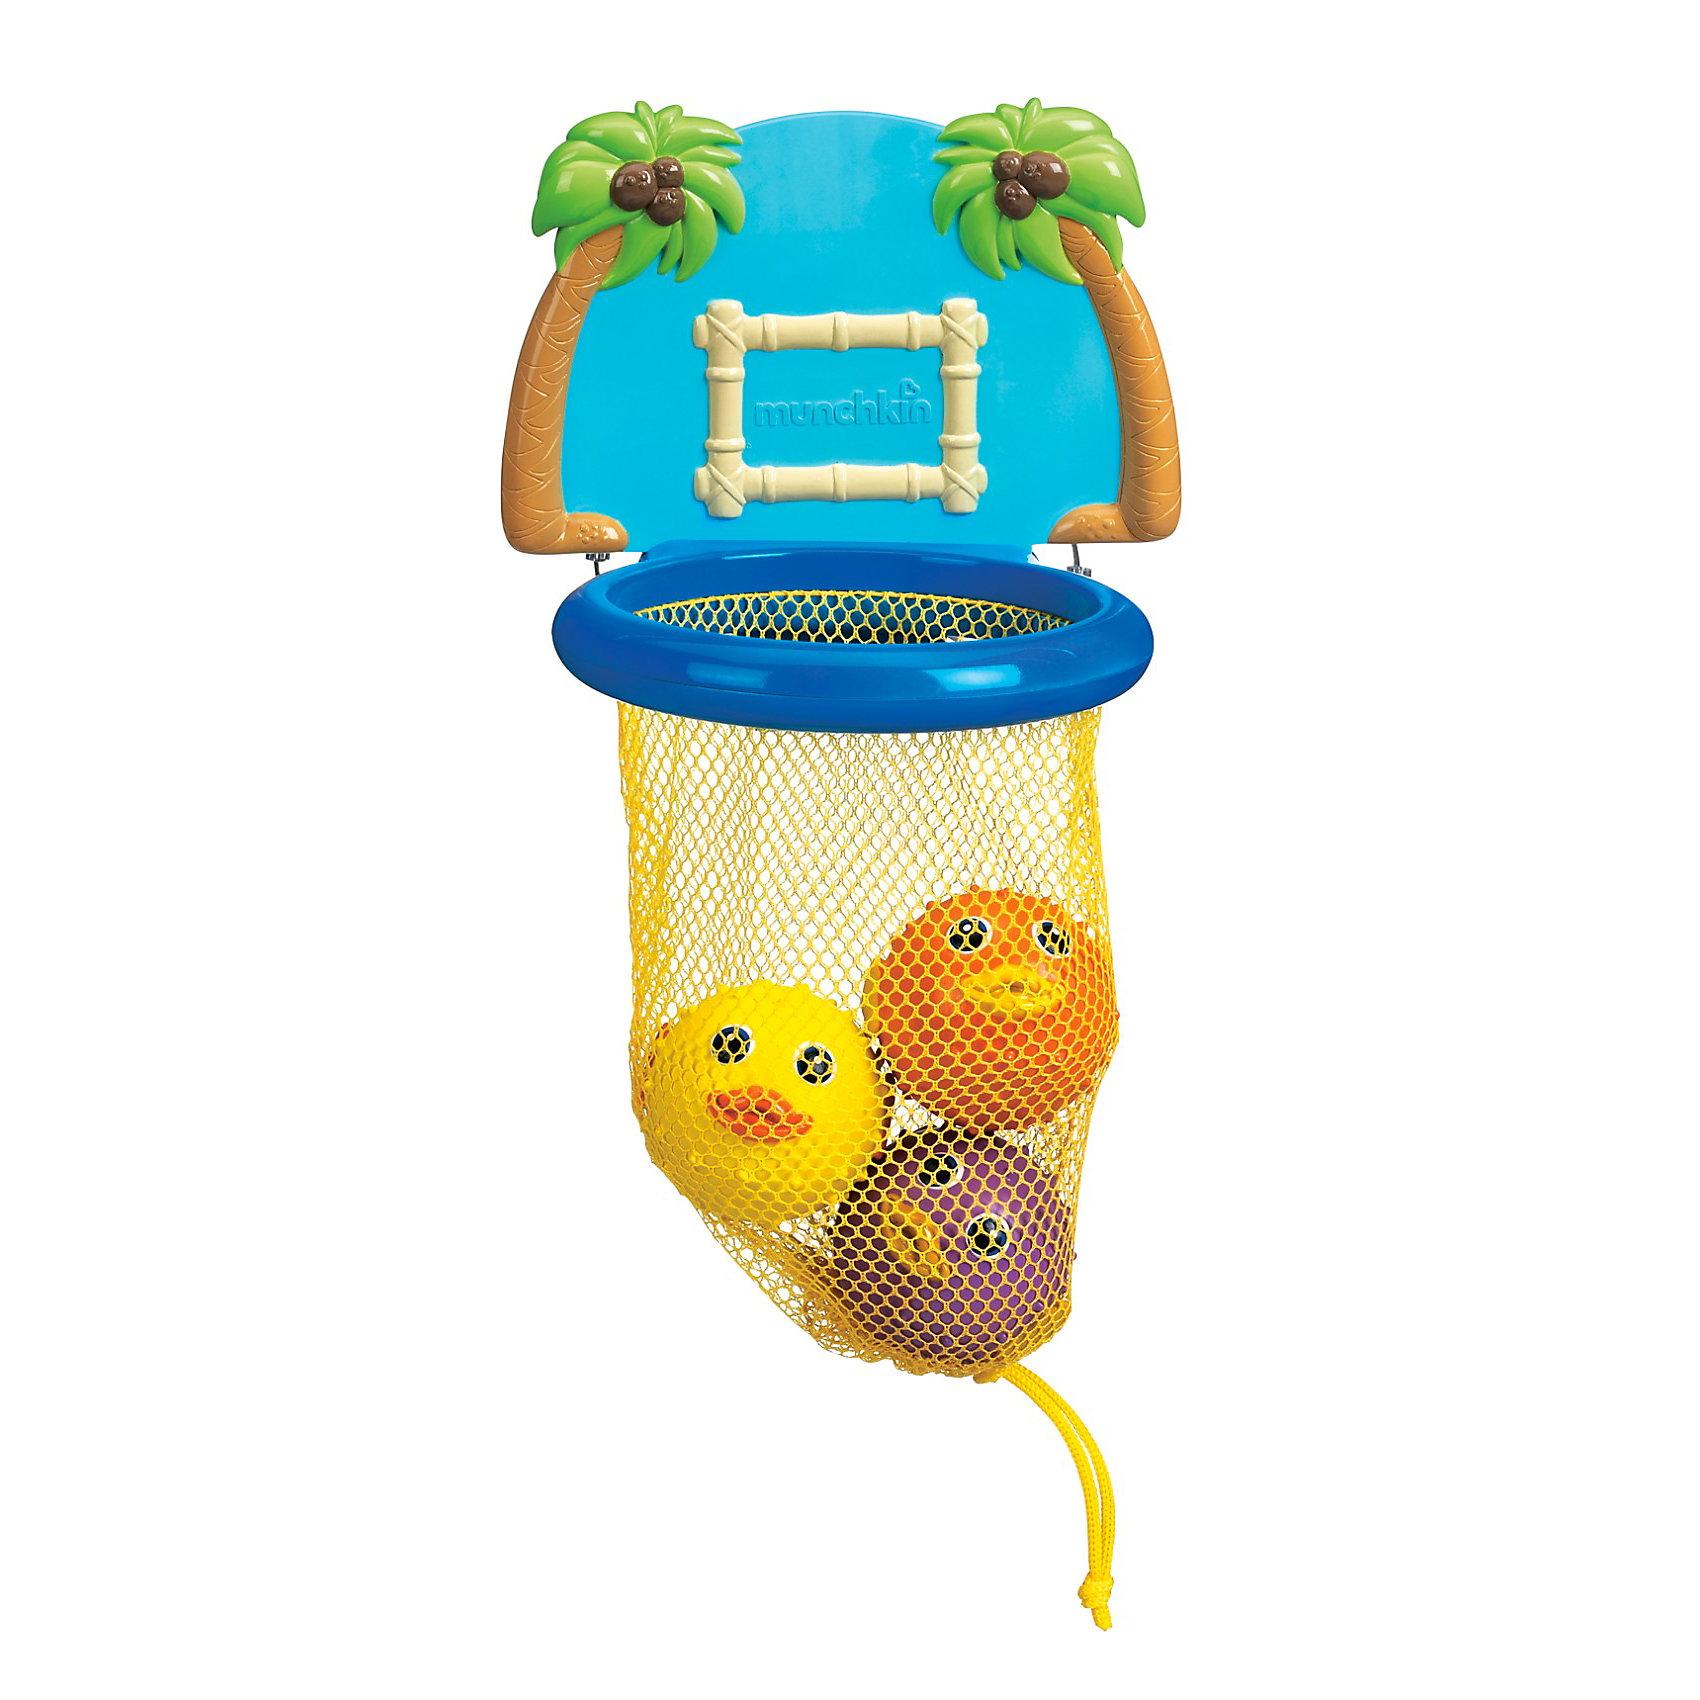 Игрушки для ванной Баскетбол munchkin, от 12 мес.Бросайте три мягких рыбы фугу в кольцо, висящее в ванной – ваш ребенок будет  «ванно»болистом всех времен и народов!<br><br>Рыбки в этой игрушке имеют необычную круглую форму. Такую форму принимают печально знаменитые рыбки фугу. Когда их во время ловли вытаскивают из воды - они раздуваются в шар, часто их так и называют рыба-шар. Таким образом рыбка реагирует на опасность - она заглатывает в себя сразу много воды и поэтому увеличивается в несколько раз, принимая шарообразную форму. Водится она в Атлантическом, Индийском и Тихом океане, чаще поблизости от островов и коралловых рифов. Рыбка плавает медленно, а иногда задом наперед. В Турции подобная рыбка называется балон. Во многих странах ловля этих рыбок вместе со взрослыми - одна из любимых детских забав.<br><br>В комплекте 4 предмета: кольцо-баскетбол и 3 рыбки.<br><br>Оригинальная игрушка Munchkin-баскетбол - один из самых безопасных способов познакомиться с рыбкой-фугу!<br><br>Дополнительная информация:<br><br>· брызгай, кидай и забивай голы с этой увлекательной игрушкой для купания <br>· закидывай 3 рыбки-брызгалки в кольцо <br>· задняя панель надежно крепится к стенке ванны <br>· съемная сетка обеспечивает удобное хранение брызгалок<br>· После купания промыть игрушки теплой водой и насухо вытереть.<br>· возраст: от 12 мес.<br><br>Игрушки для ванной Баскетбол munchkin, от 12 мес. можно купить в нашем интернет-магазине.<br><br>Ширина мм: 260<br>Глубина мм: 210<br>Высота мм: 80<br>Вес г: 250<br>Возраст от месяцев: 12<br>Возраст до месяцев: 48<br>Пол: Унисекс<br>Возраст: Детский<br>SKU: 3317193